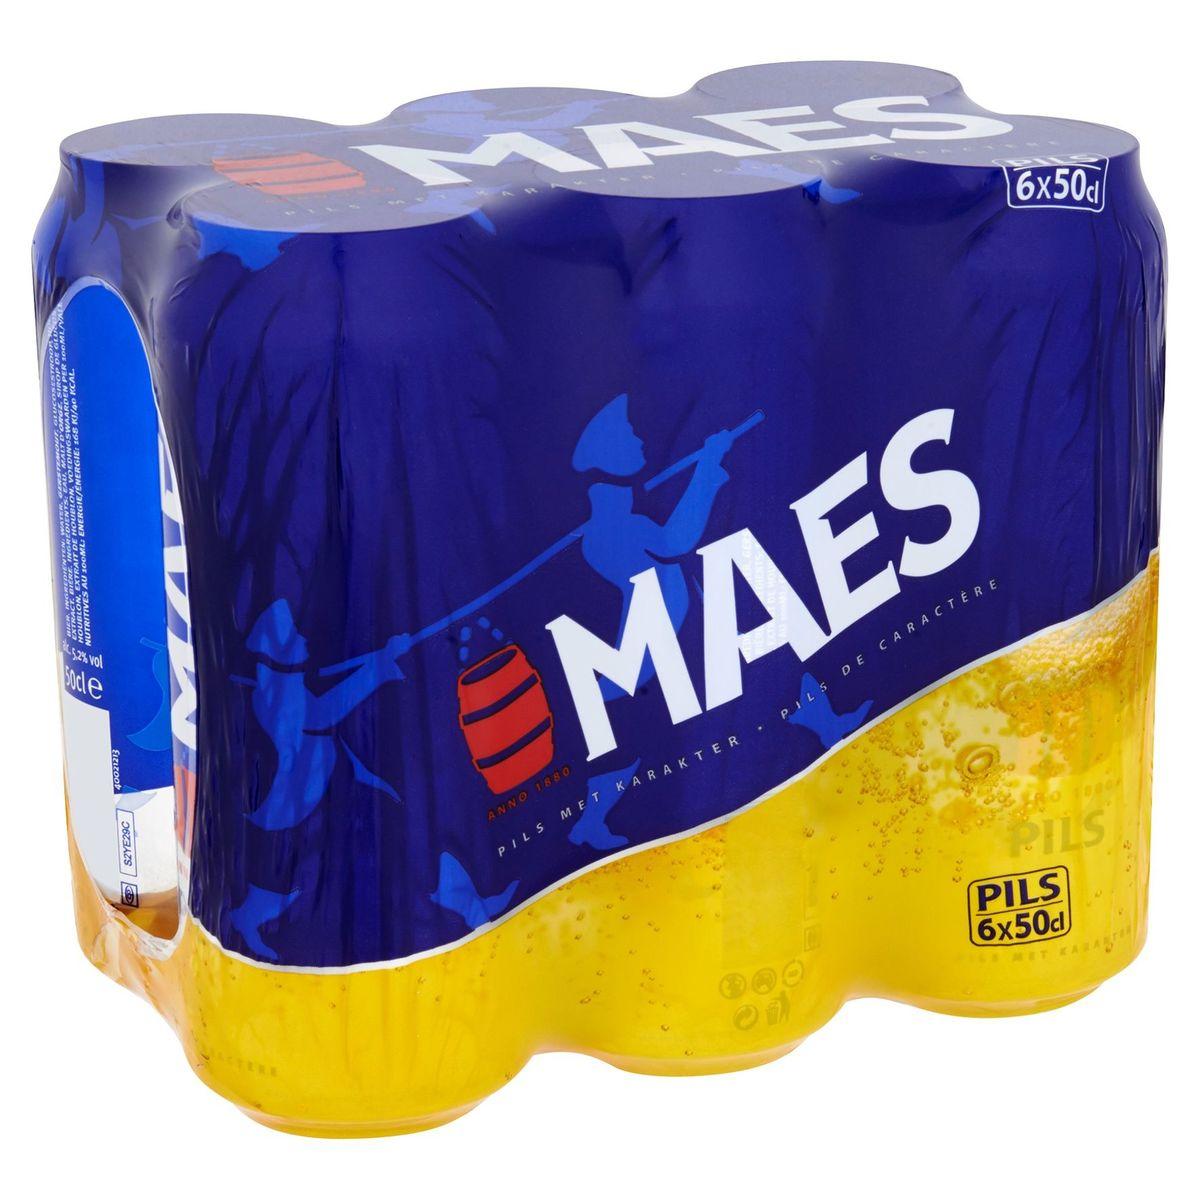 Maes Blond bier Pils 5.2% ALC 6x50cl Blik